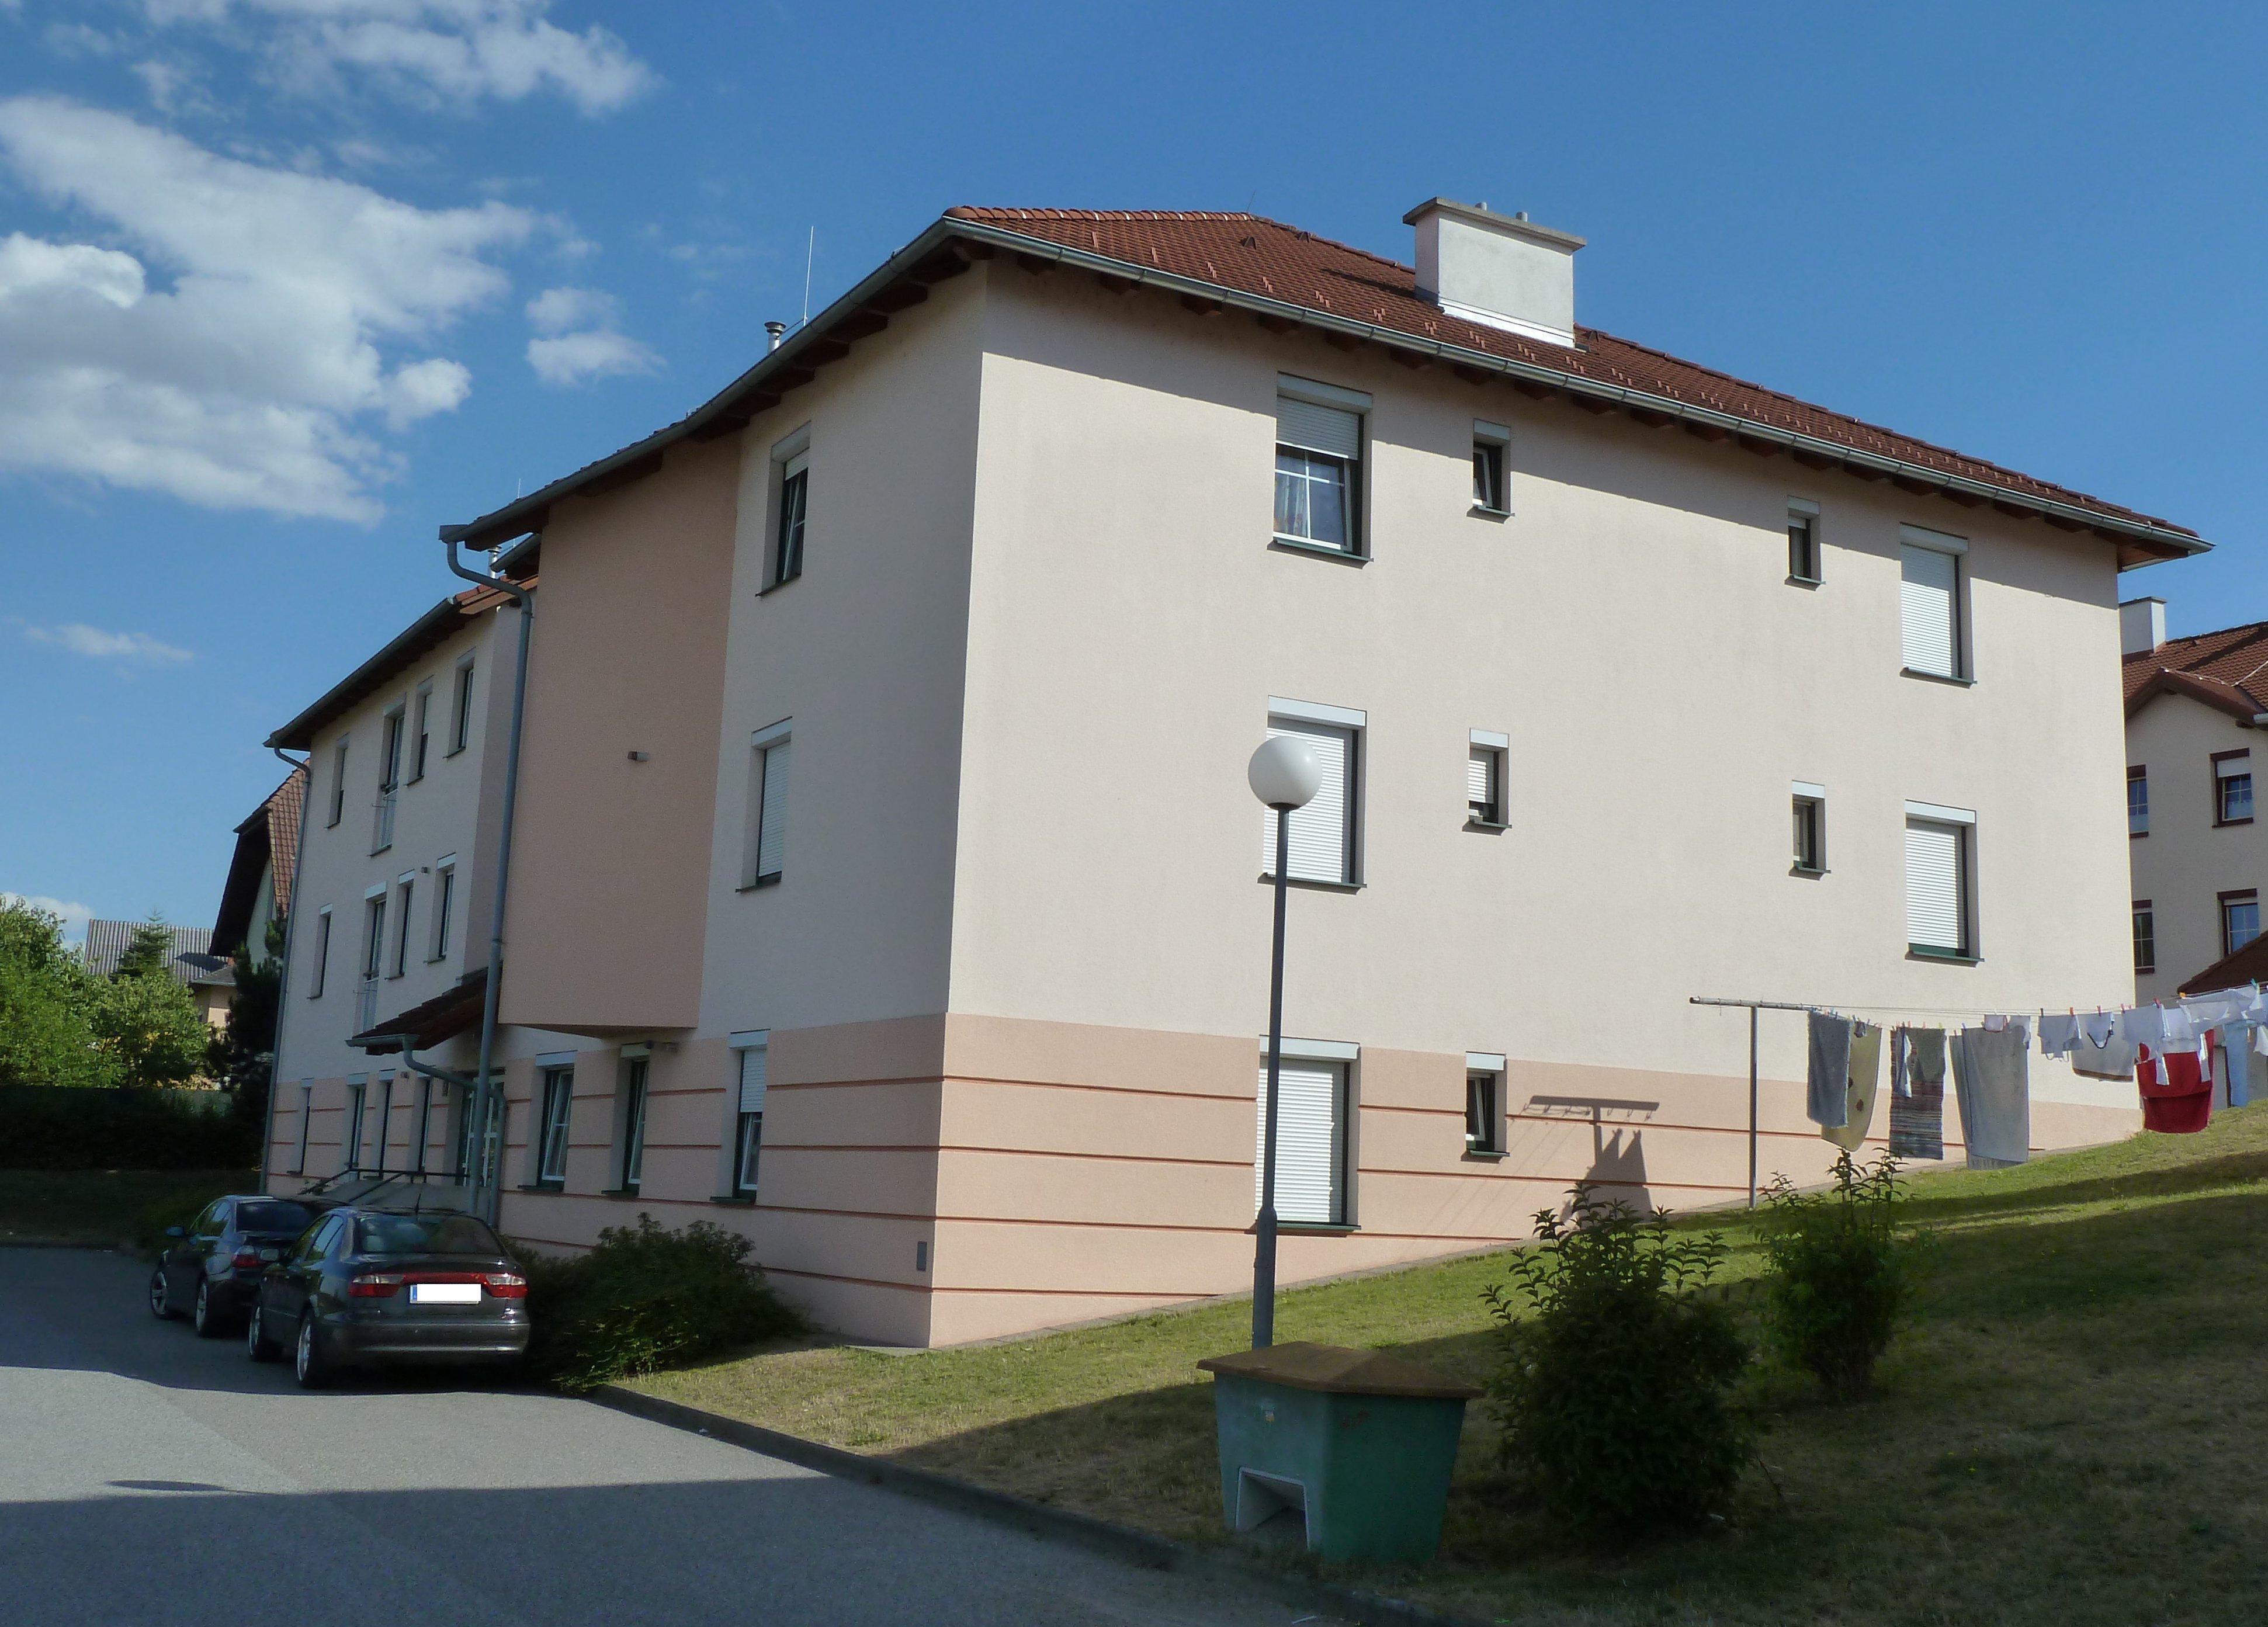 Immobilie von Kamptal in 3580 Horn, Horn, Horn III - Top B7 #1